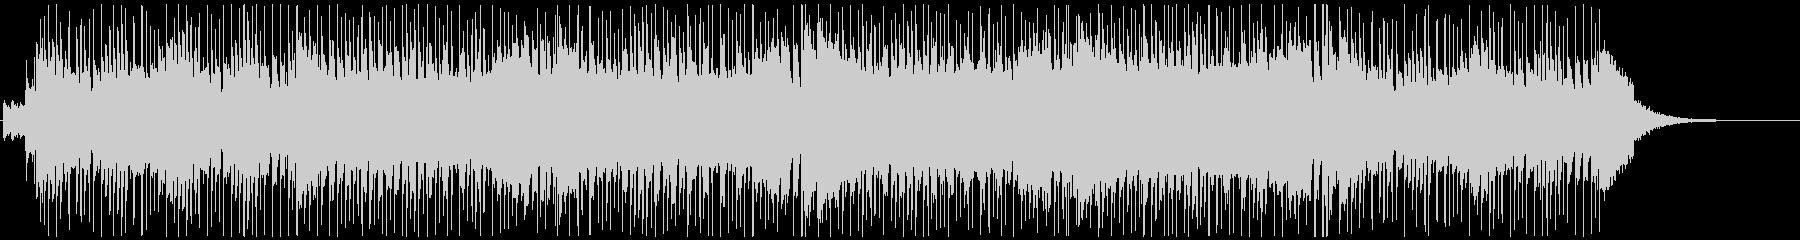 童謡「かえるの合唱」のロックバージョンの未再生の波形